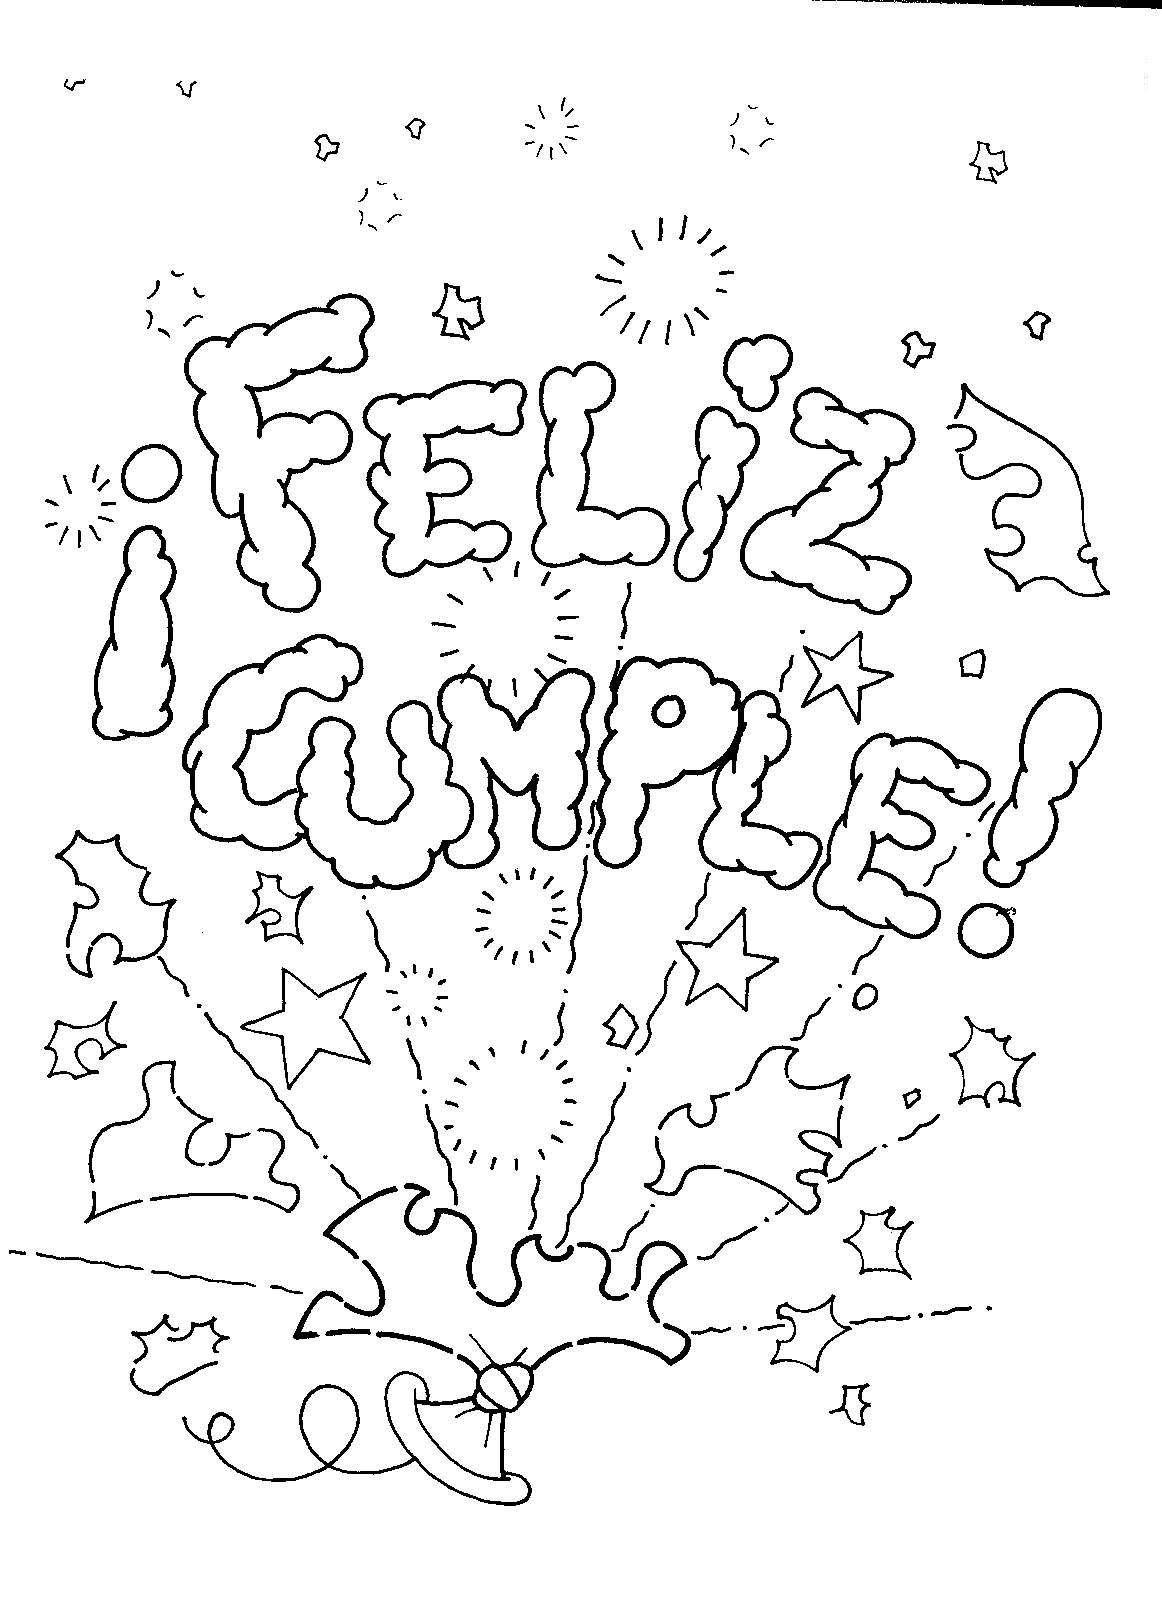 Letras de feliz cumplea os para colorear buscar con - Feliz cumpleanos letras ...